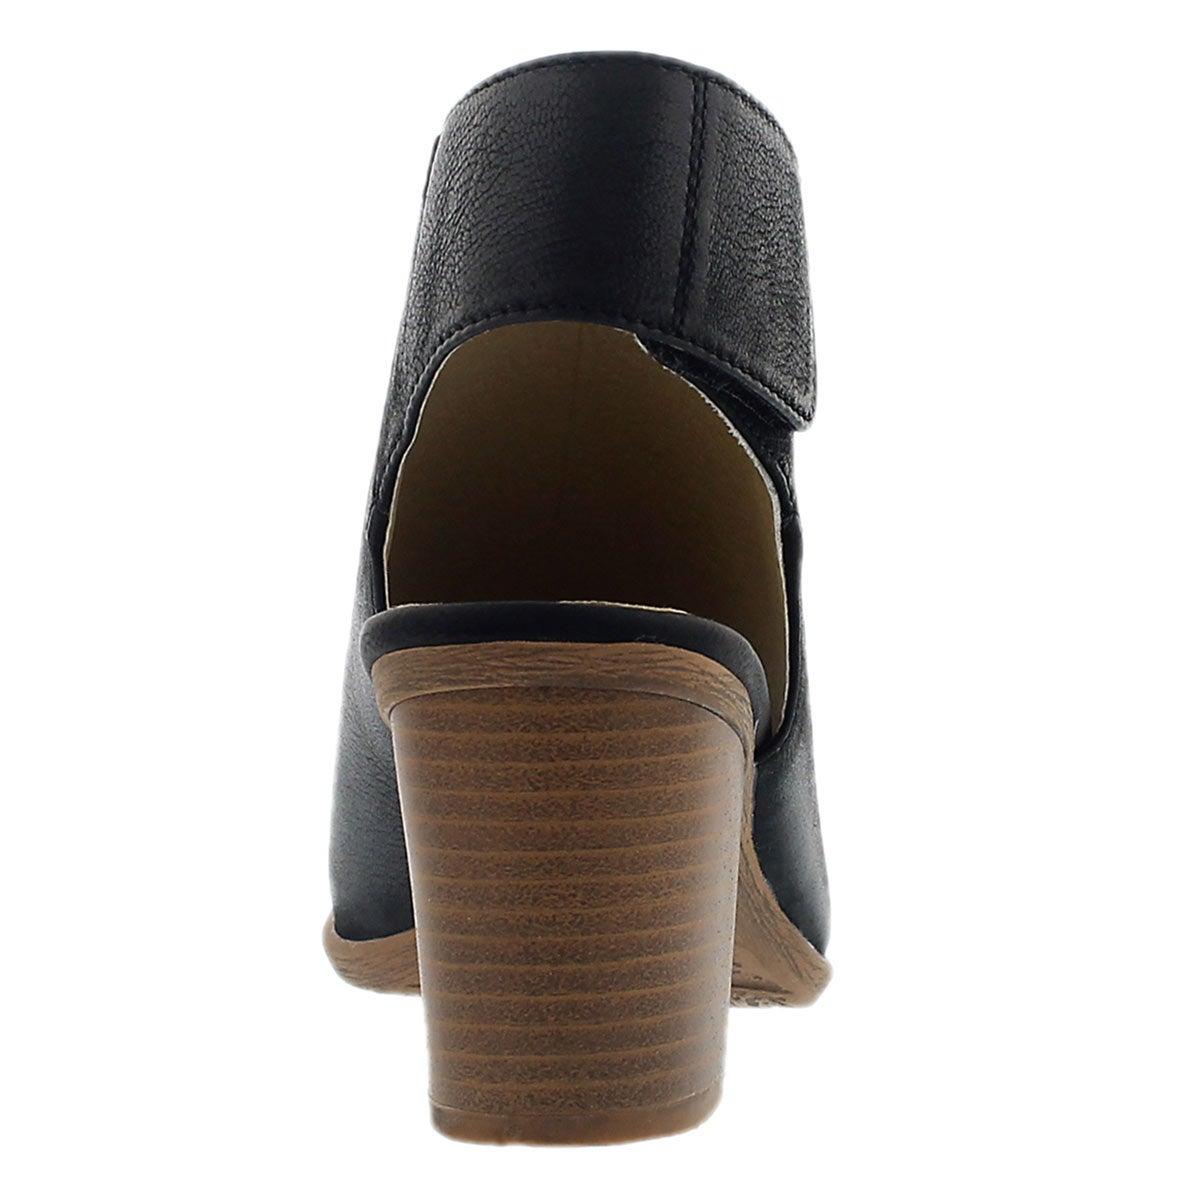 Lds Bonnie 09 black peep toe heel